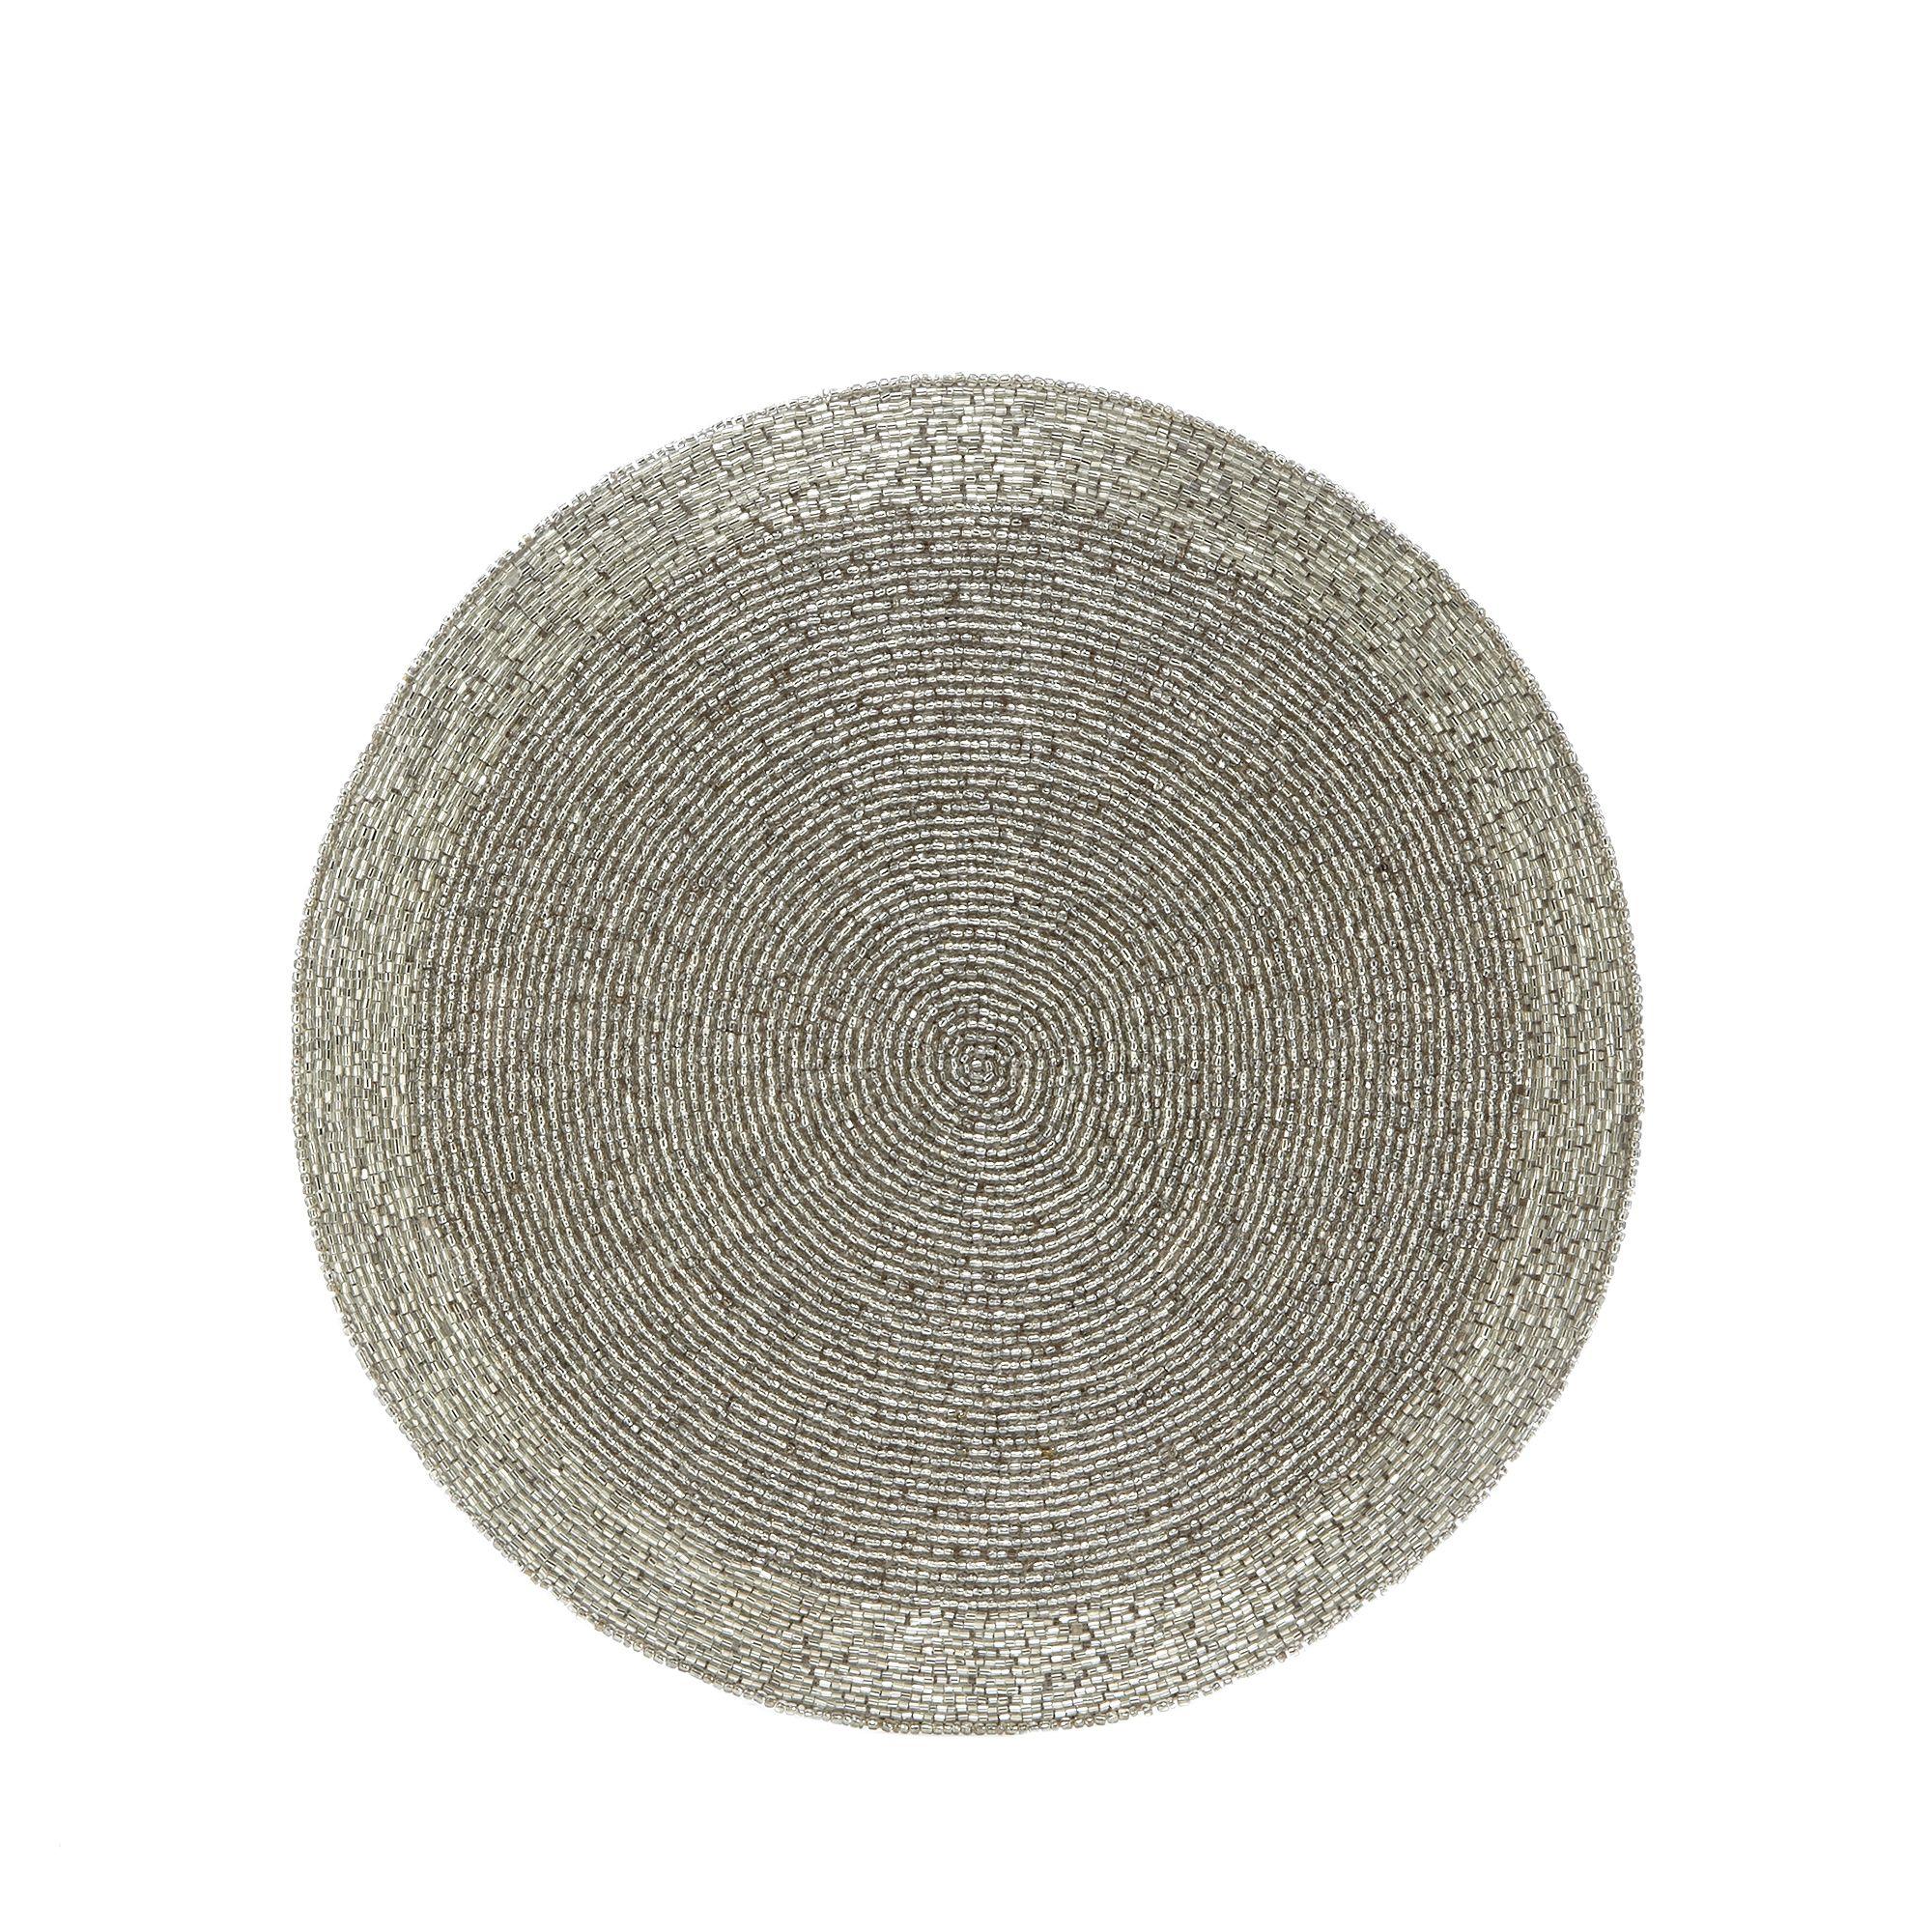 debenhams silver beaded placemat from debenhams